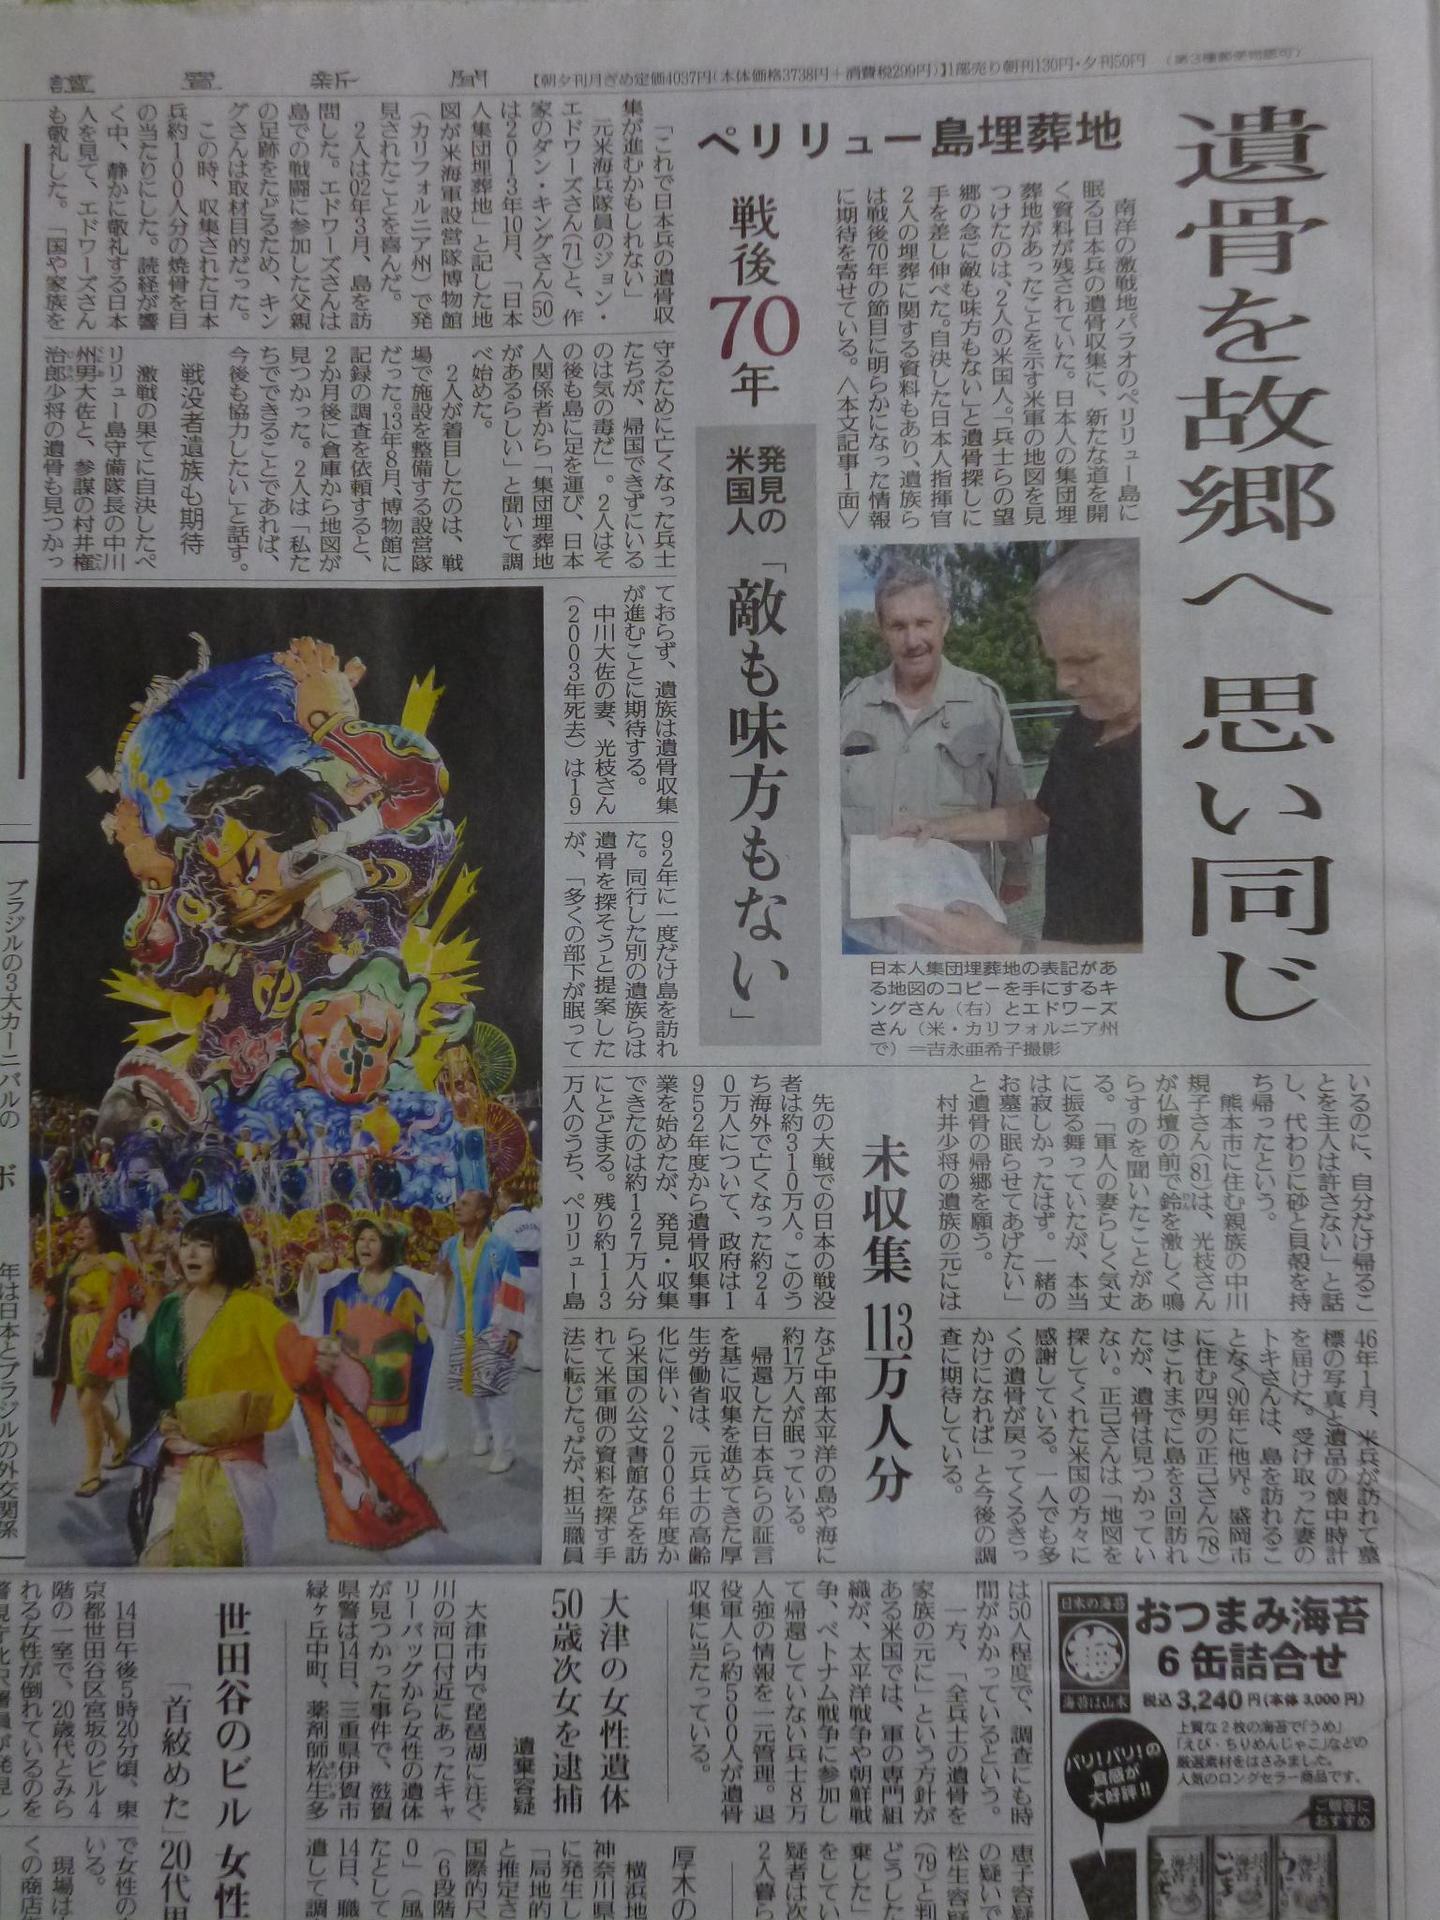 平成二十七年二月十五日の読売新聞朝刊三十五面記事